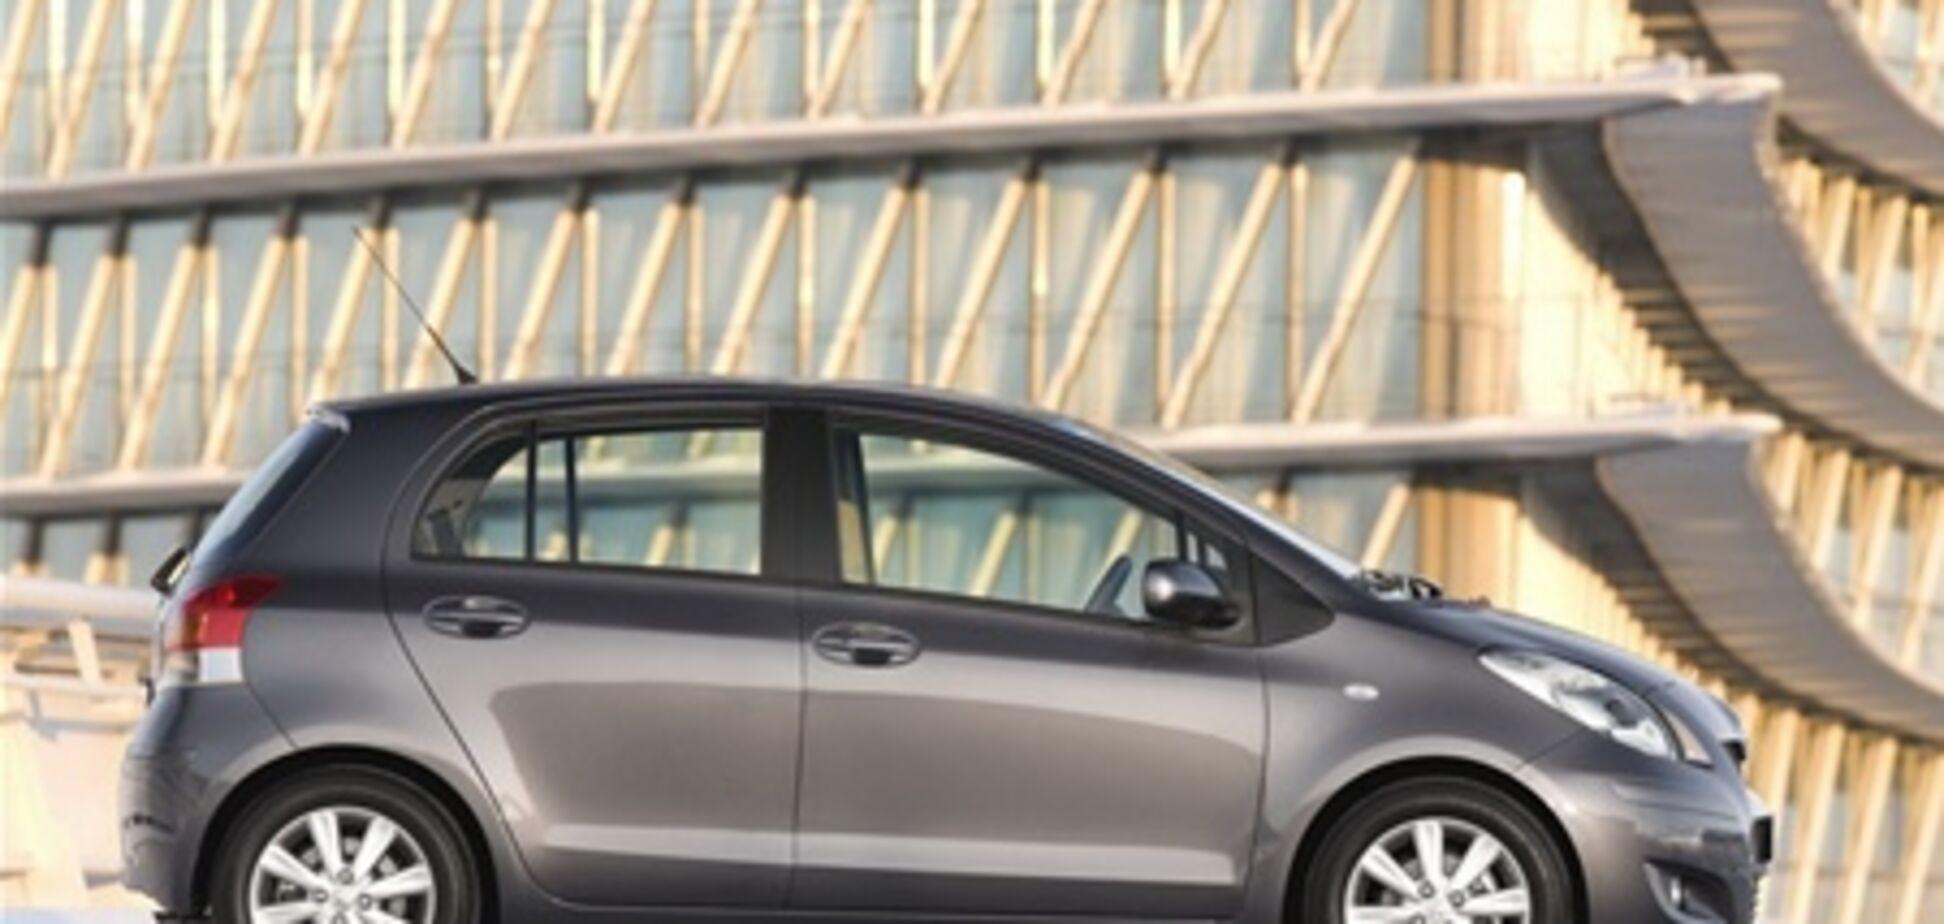 Новая система безопасности Toyota: автомобиль будет сам тормозить и менять направление